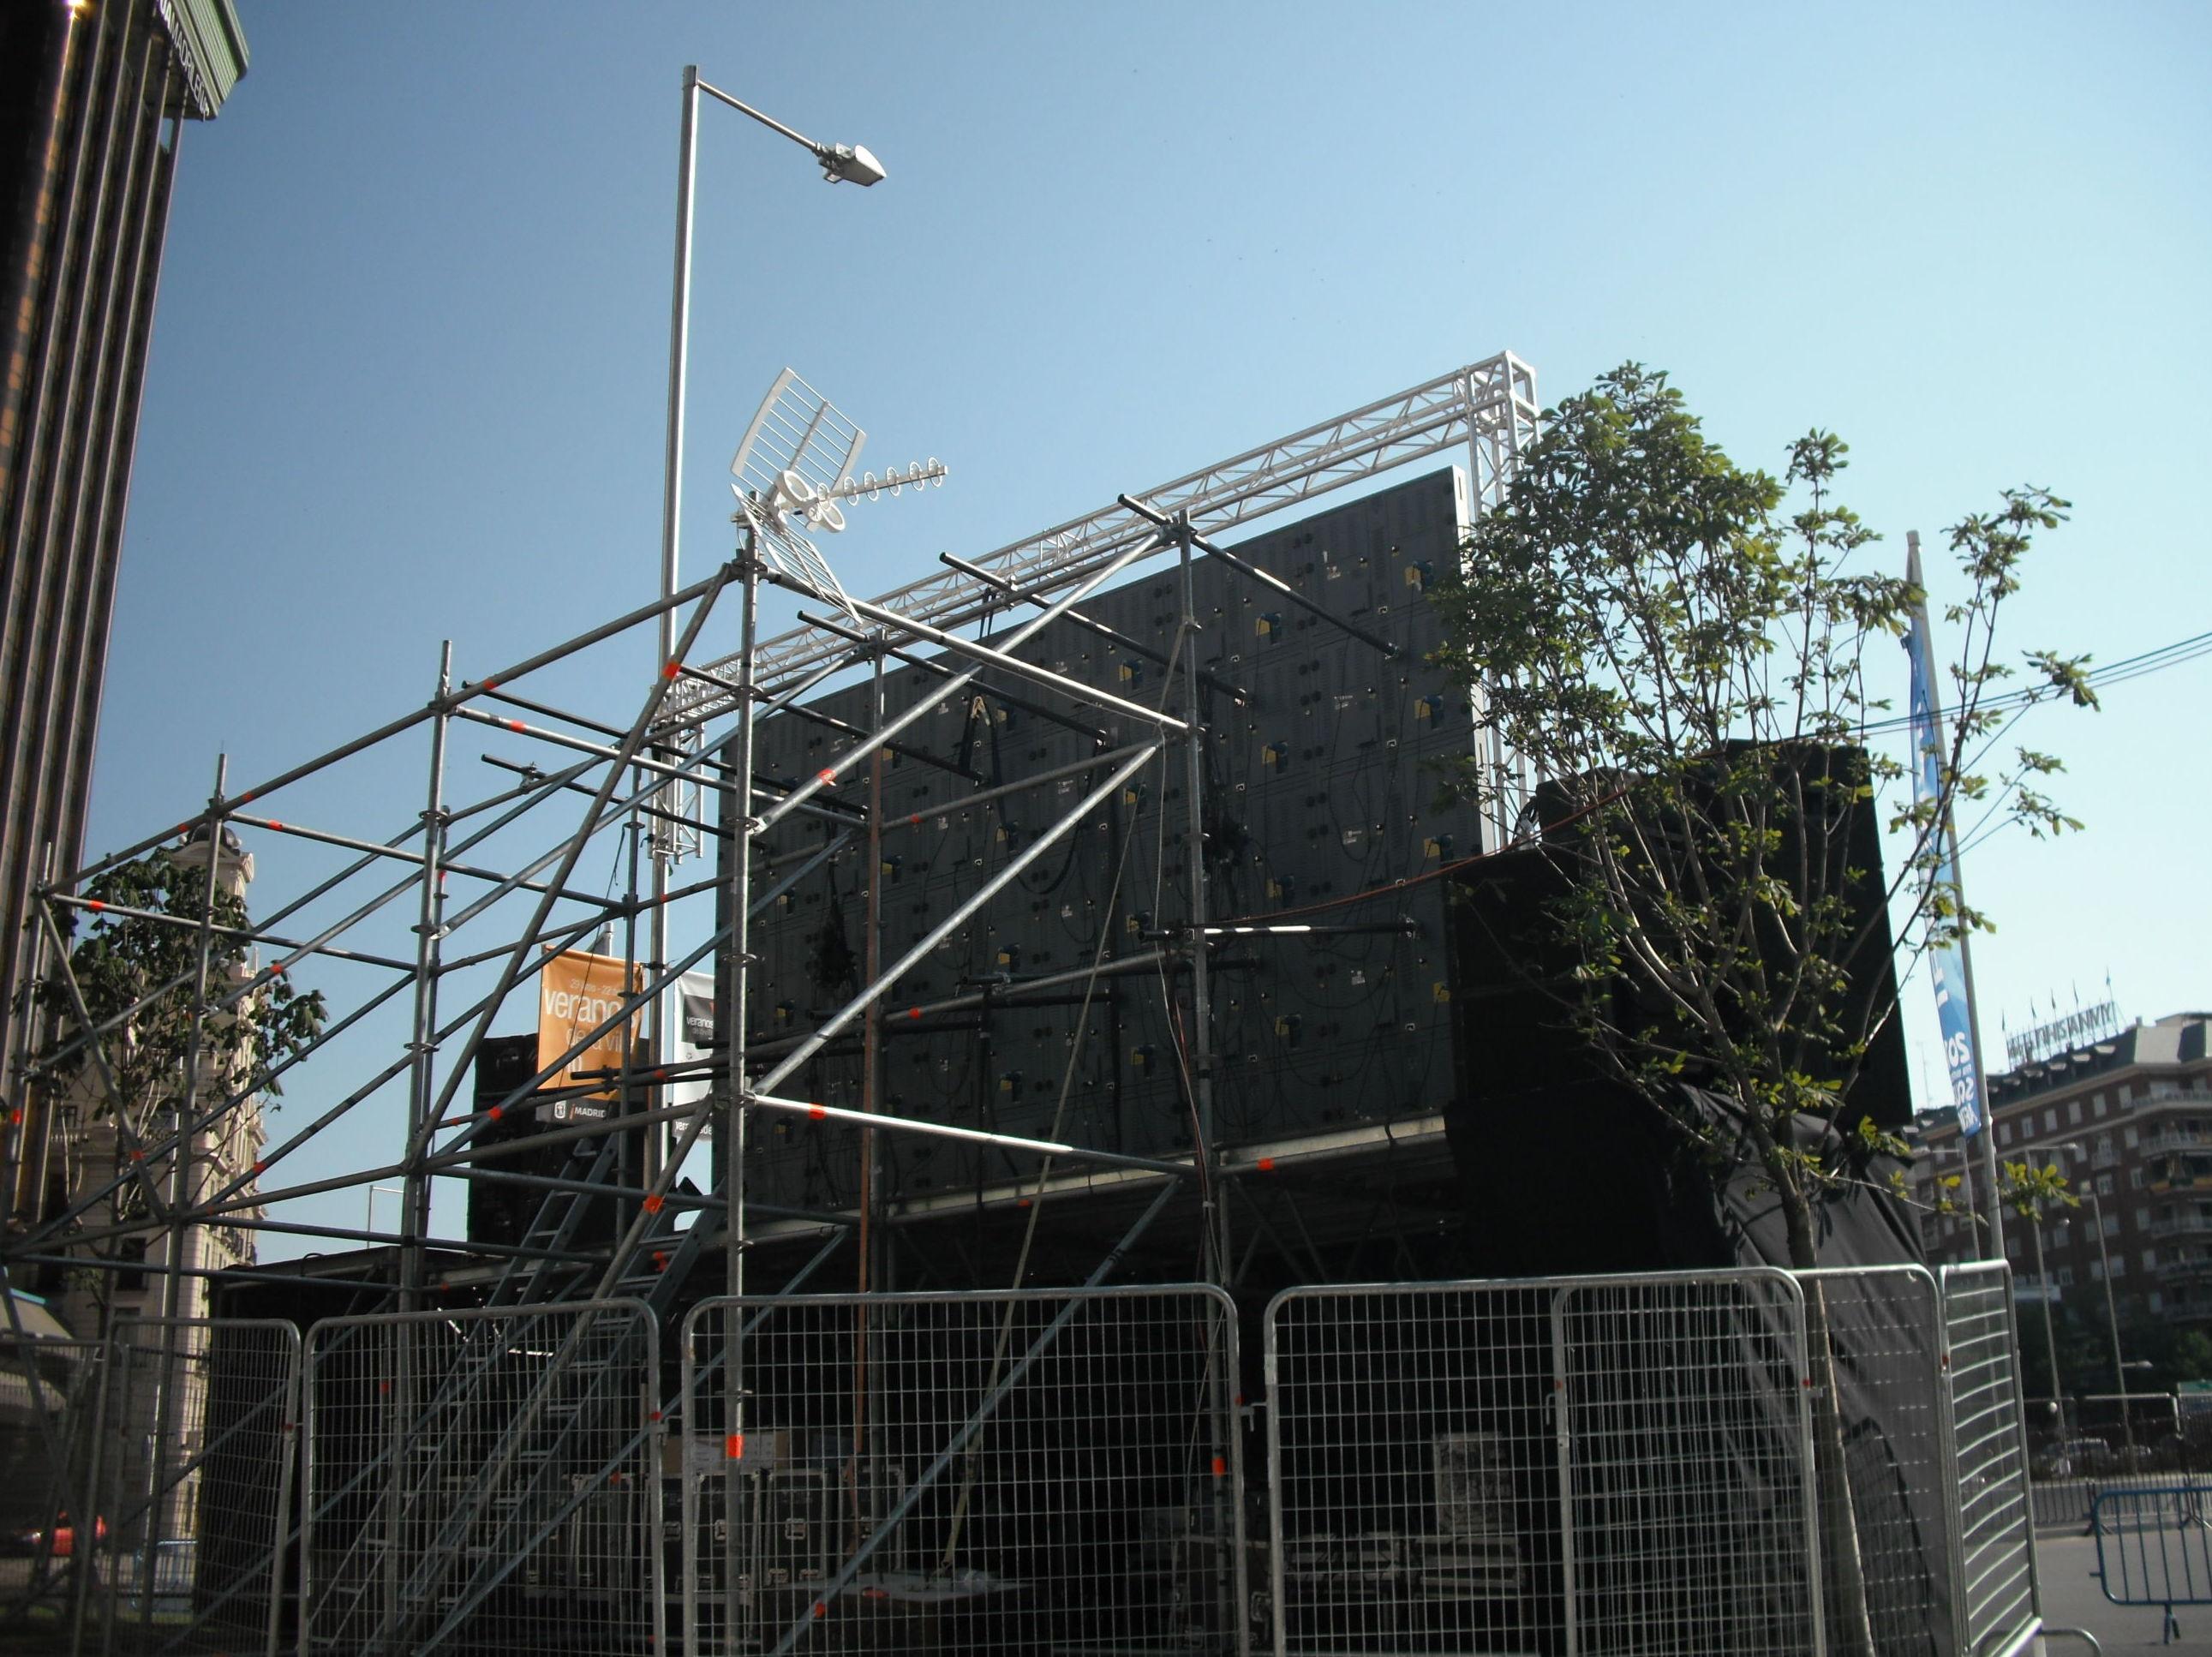 Pantalla gigante en el Paseo de la Castellana junto a la Plaza de Colón, Mundial 2010